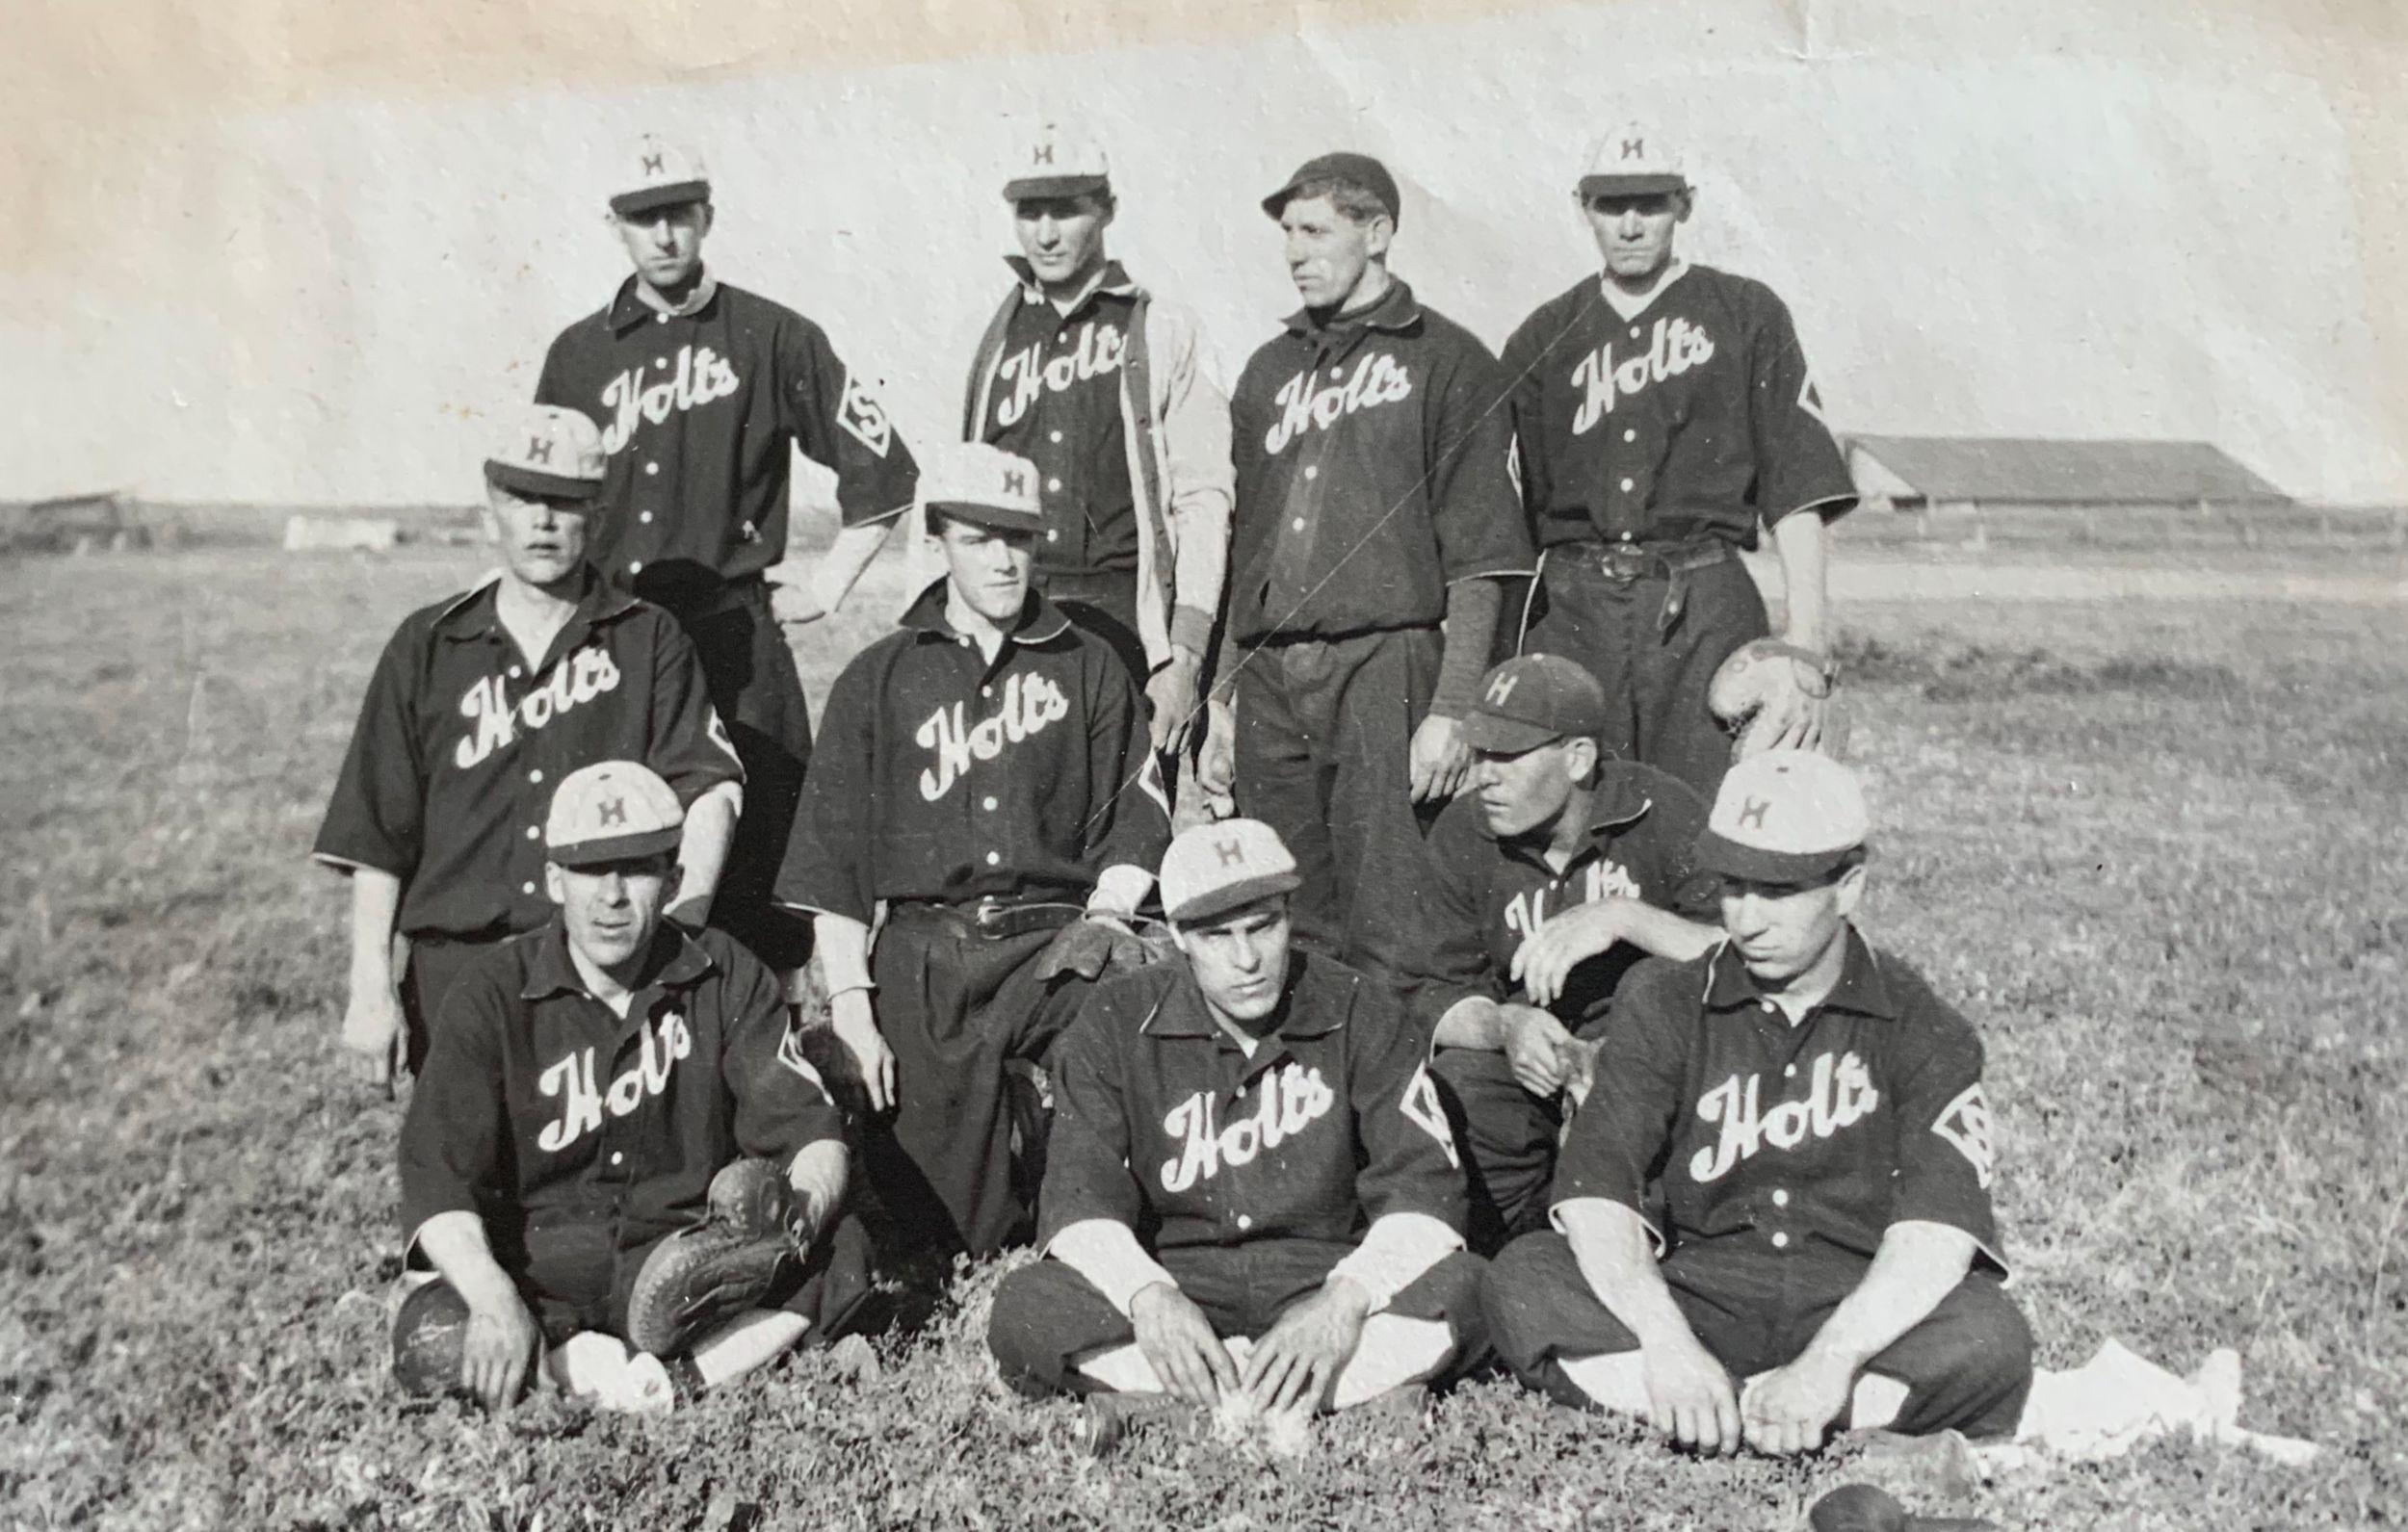 Holt Side Hill's baseball team, 1910.